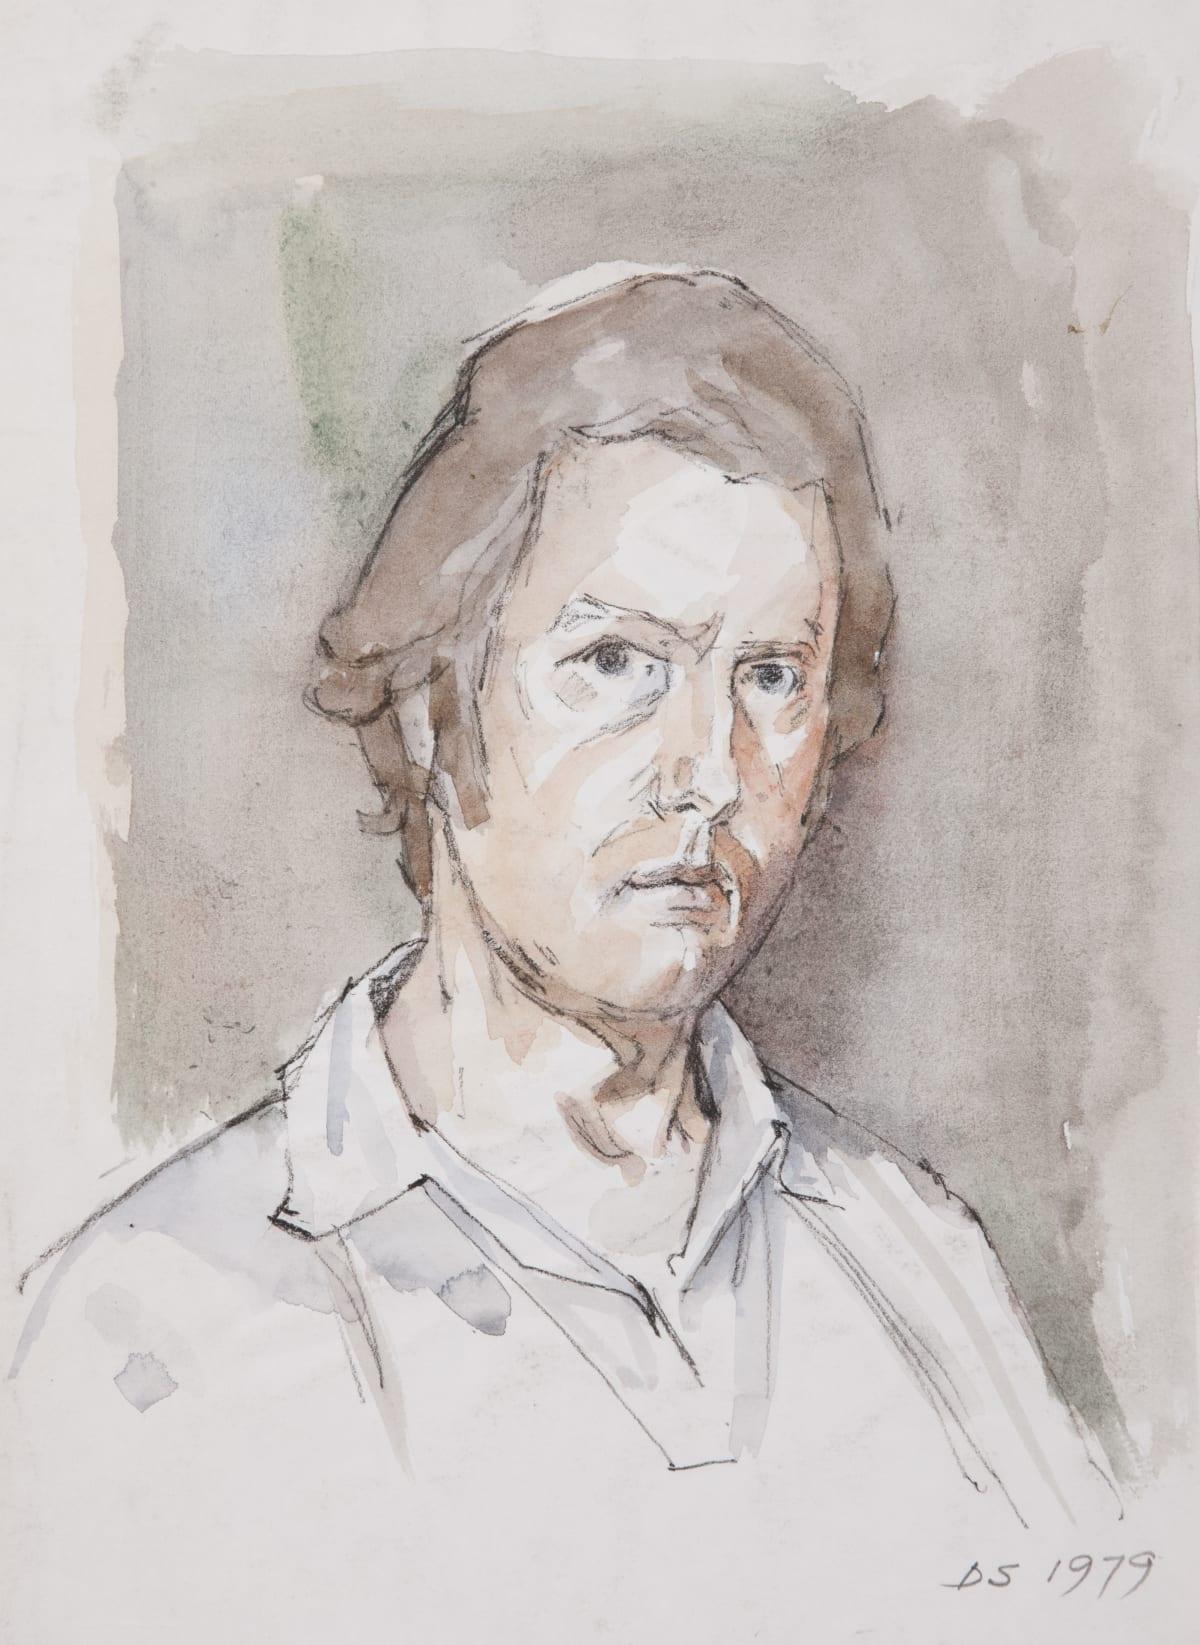 Derek Stafford, Self-portrait, 1972